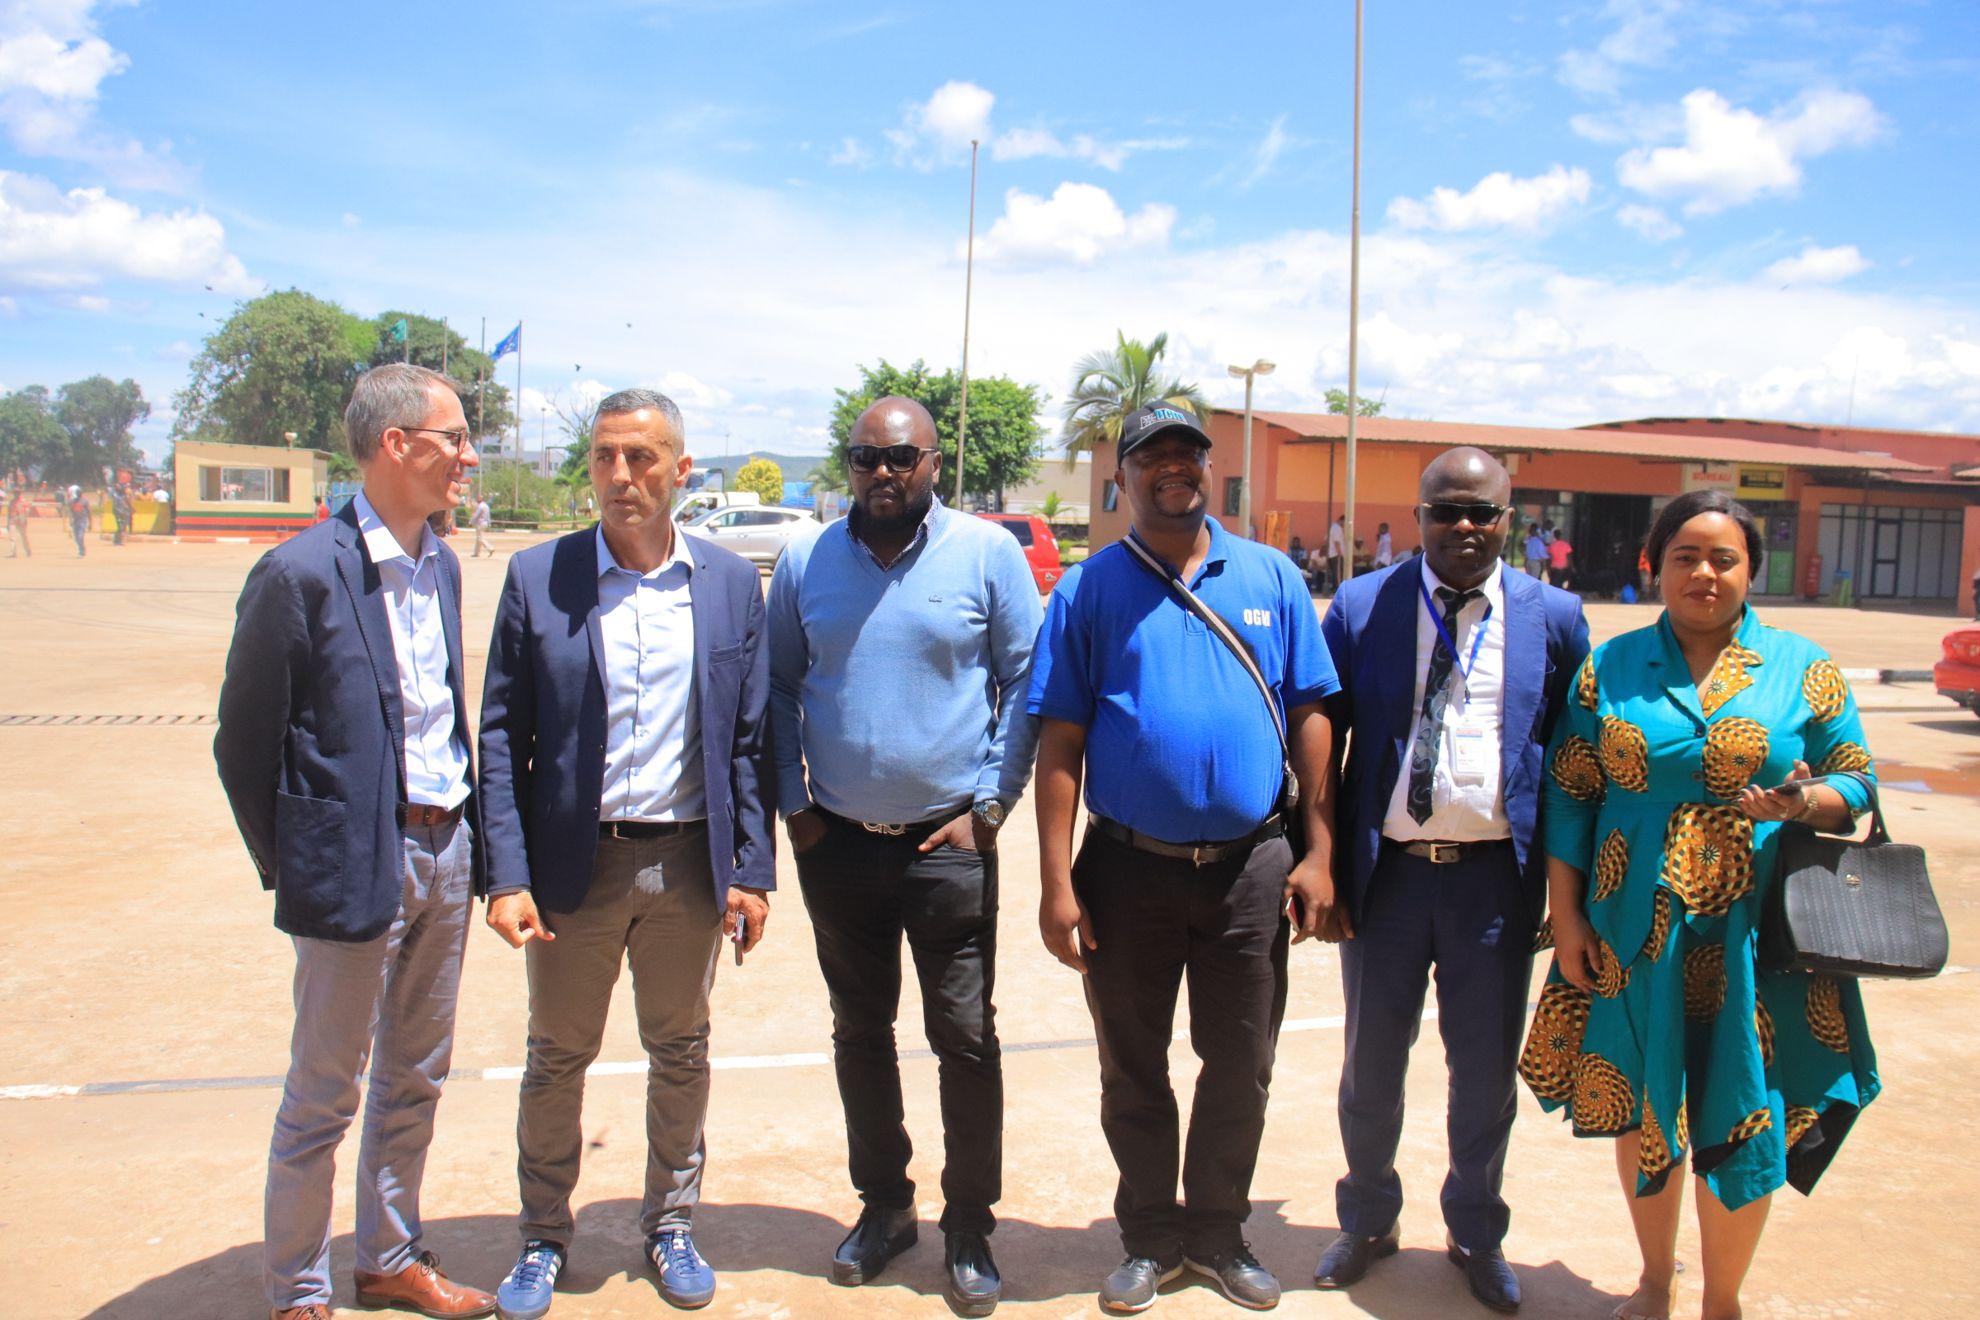 Mission au poste frontière de kasumbalesa